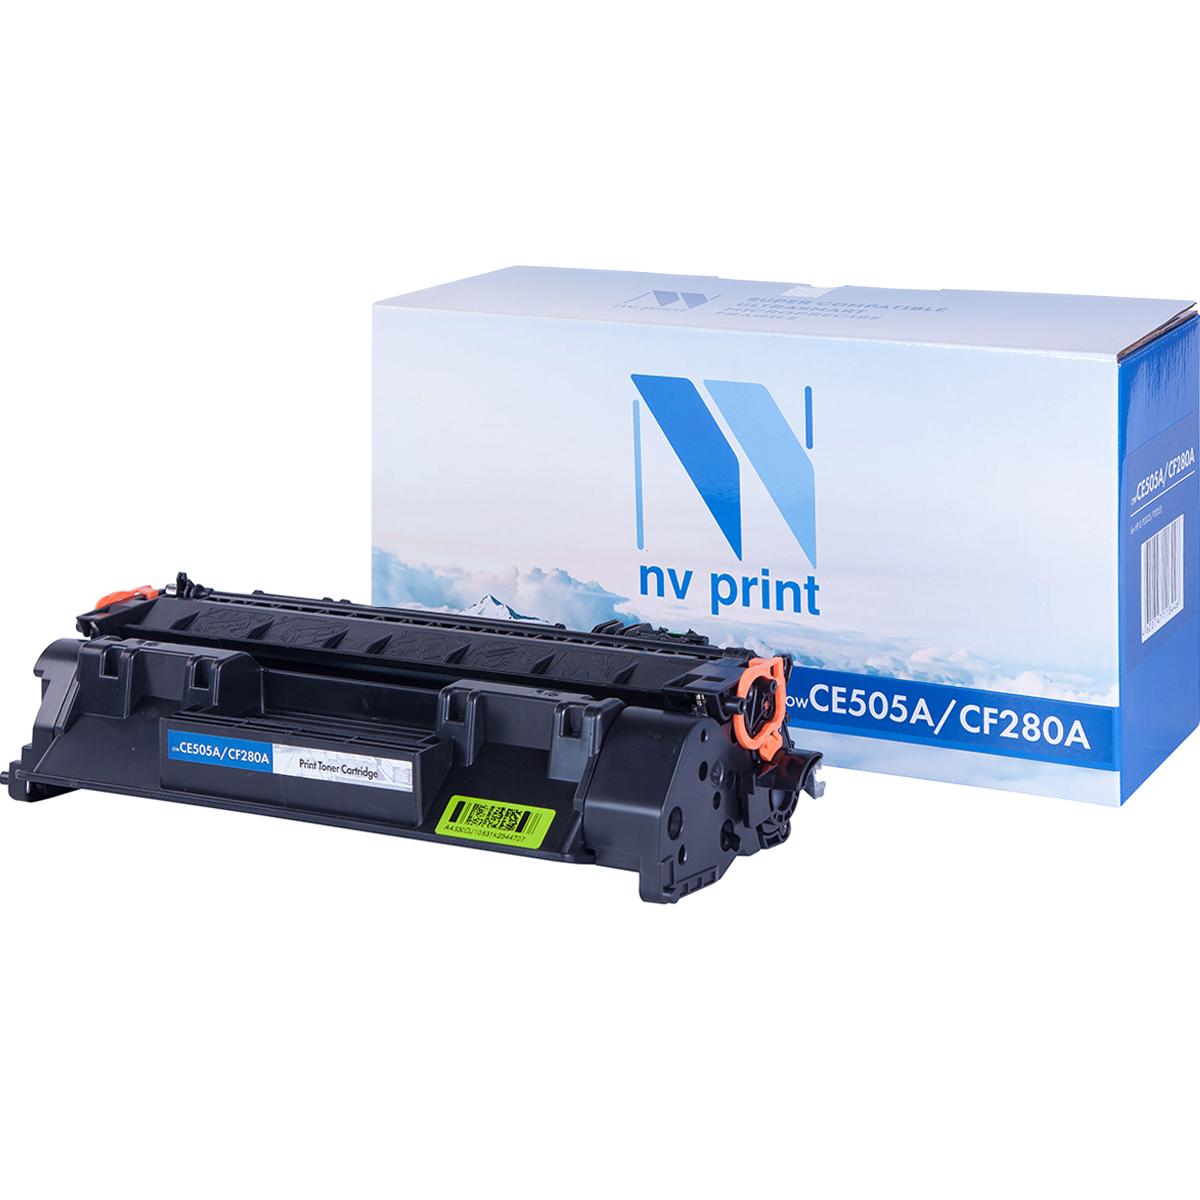 Тонер-картридж NV-CF280A/CE505A, черный, для лазерного принтера, совместимый